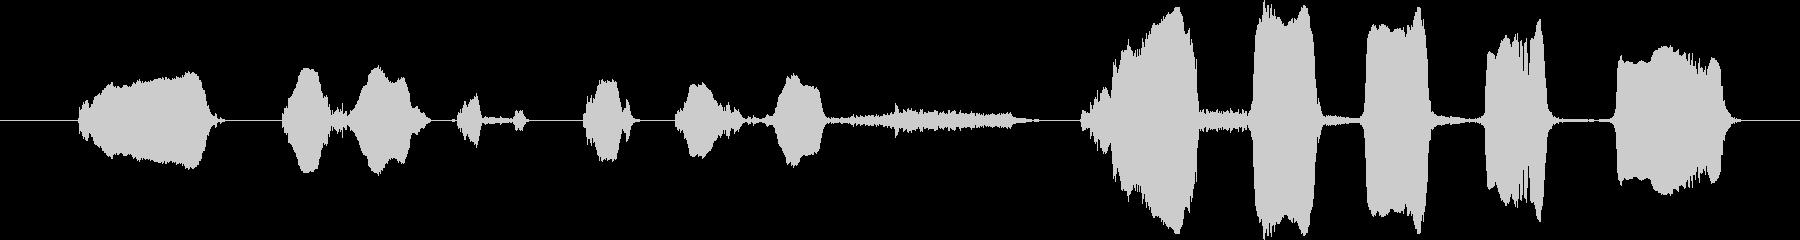 鳴き声 男性泣く呼吸ハード01の未再生の波形